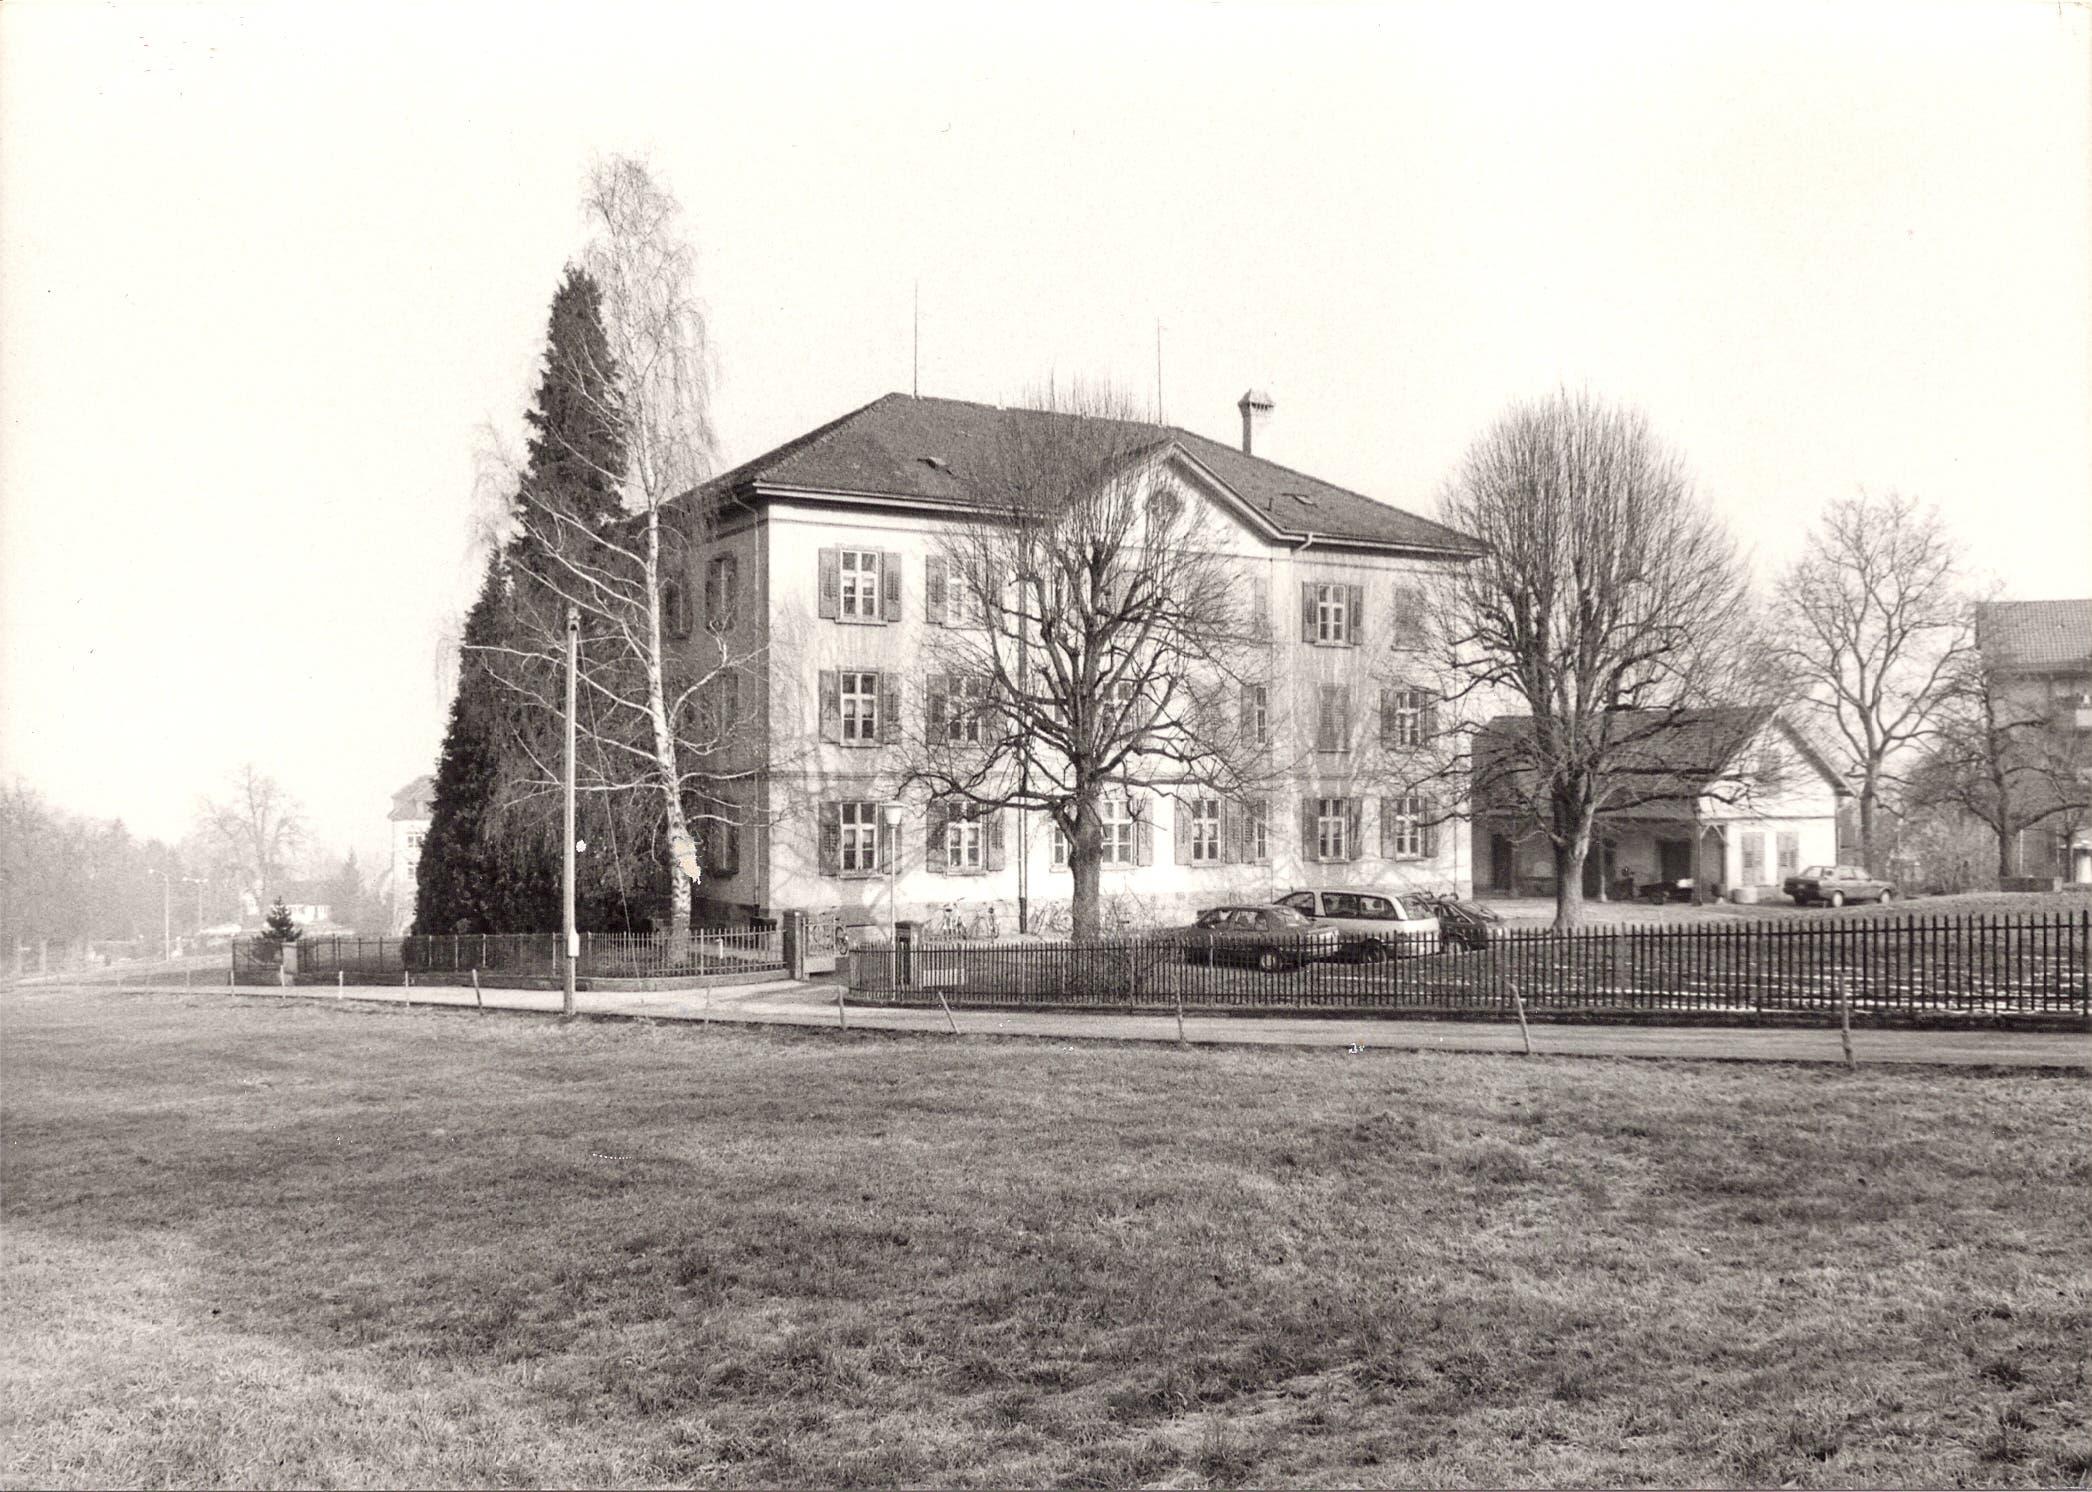 Das einstige Waisenhaus beherbergt heute die Musikschule Rorschach-Rorschacherberg. Während der Grippe 1918 diente es als Notspital.